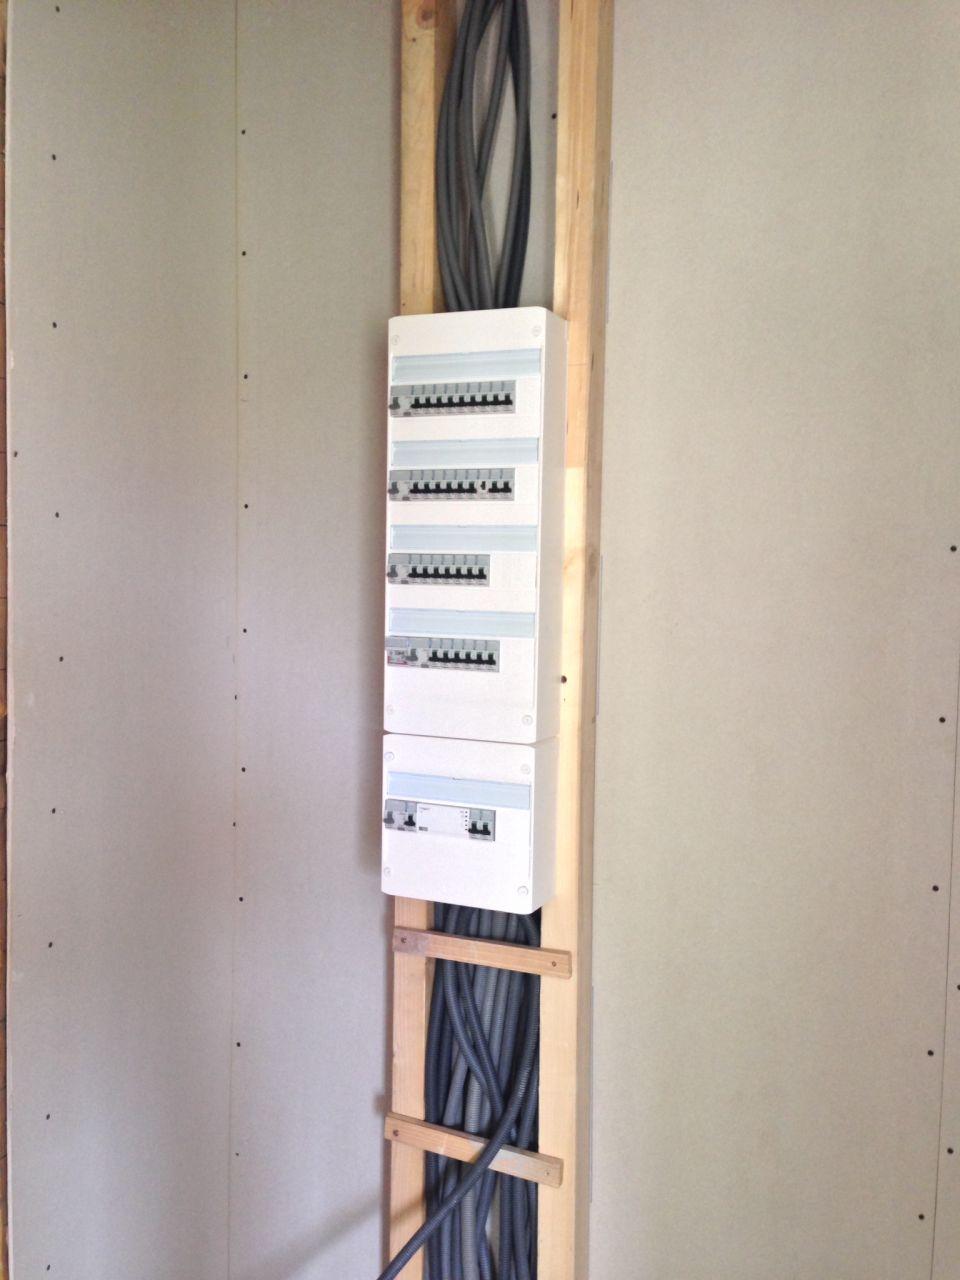 Pose compteur et disjoncteur edf sur bois 8 messages - Sorbetiere manuelle et electrique en bois ...